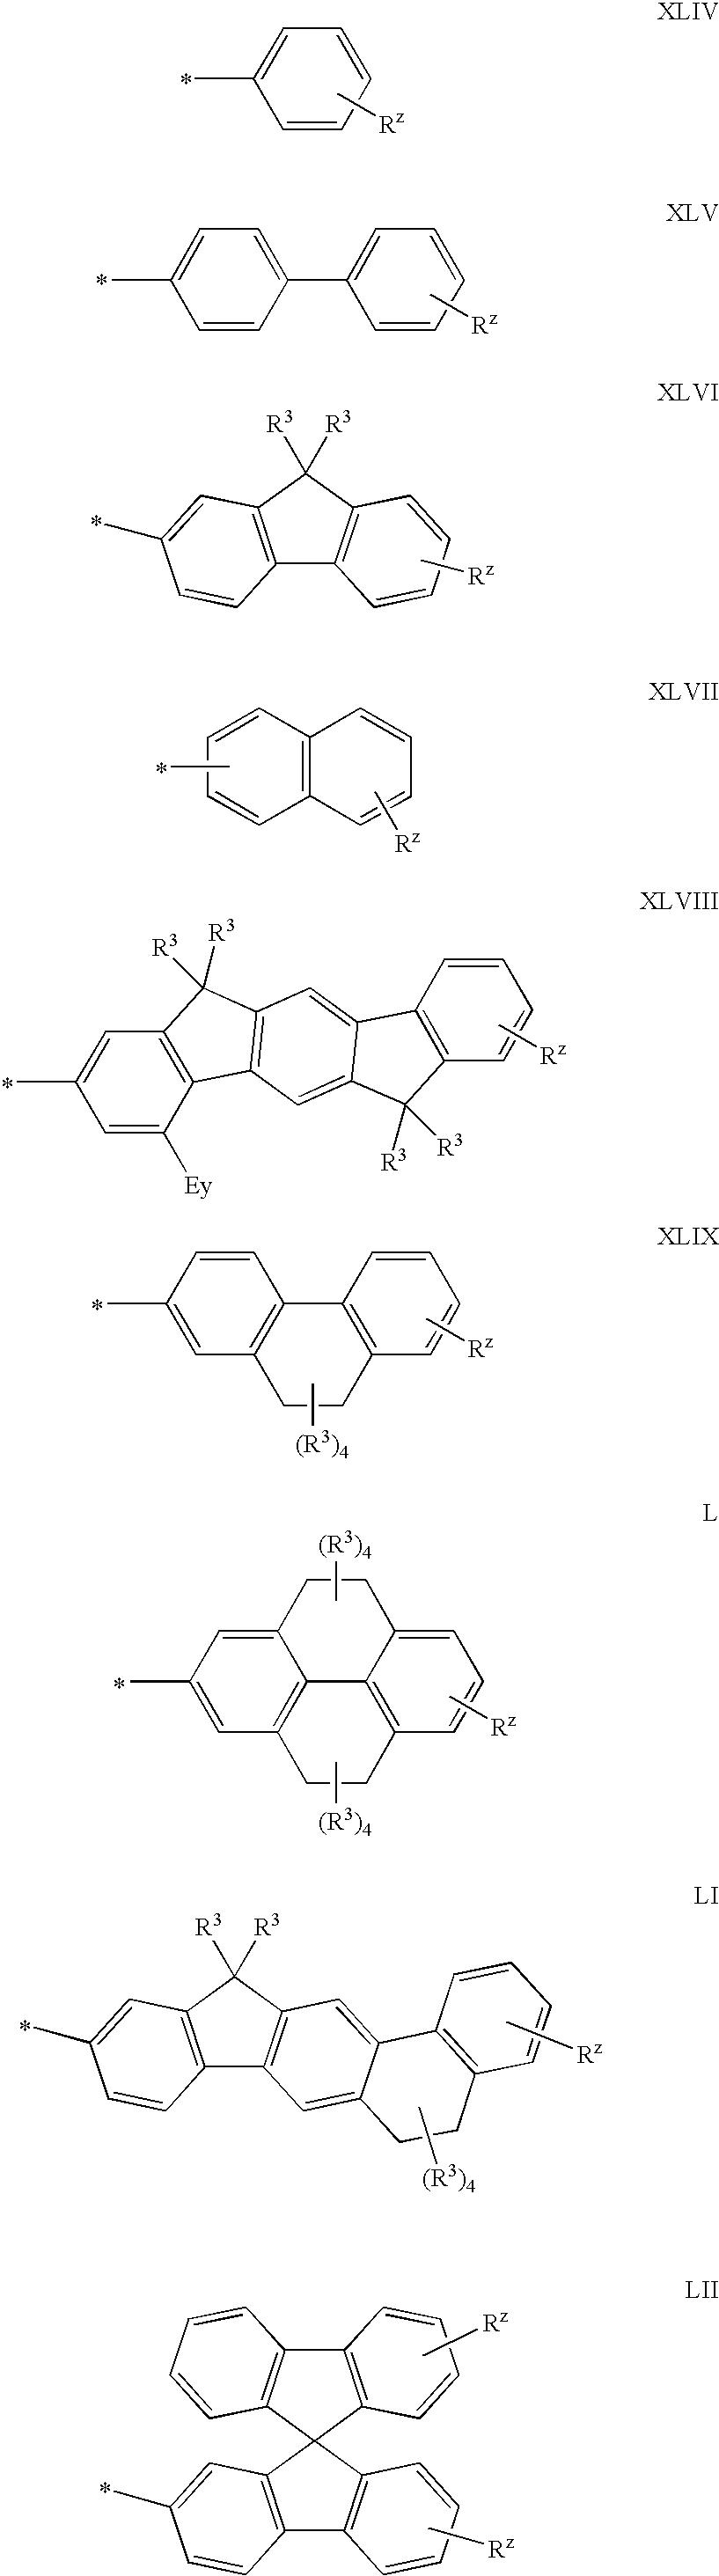 Figure US20040062930A1-20040401-C00088